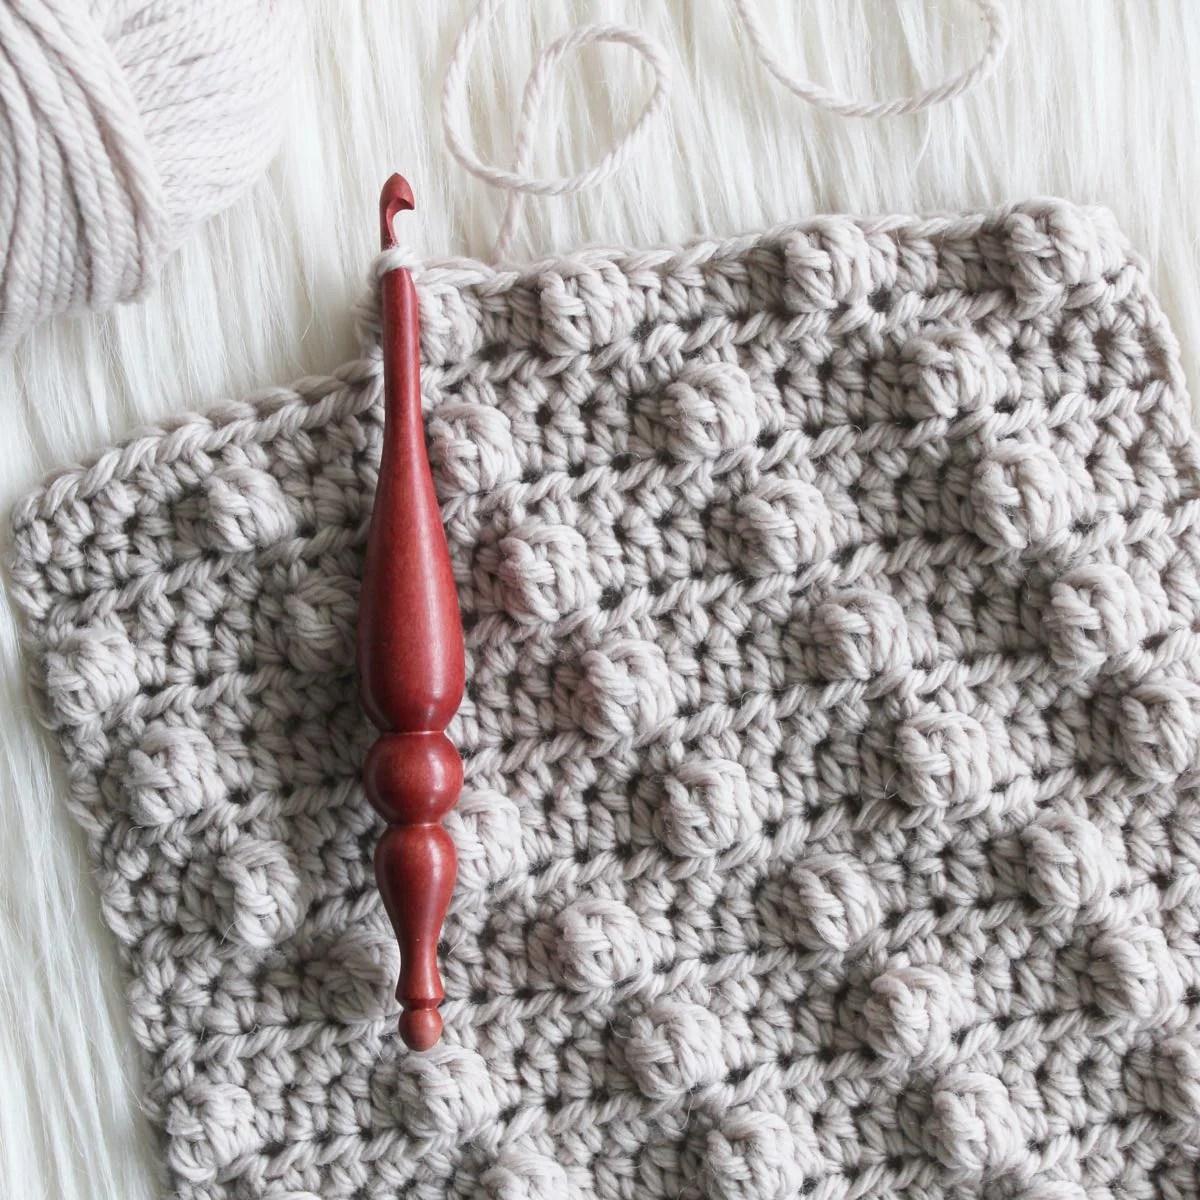 Handmade wooden crochet hooks by Furls